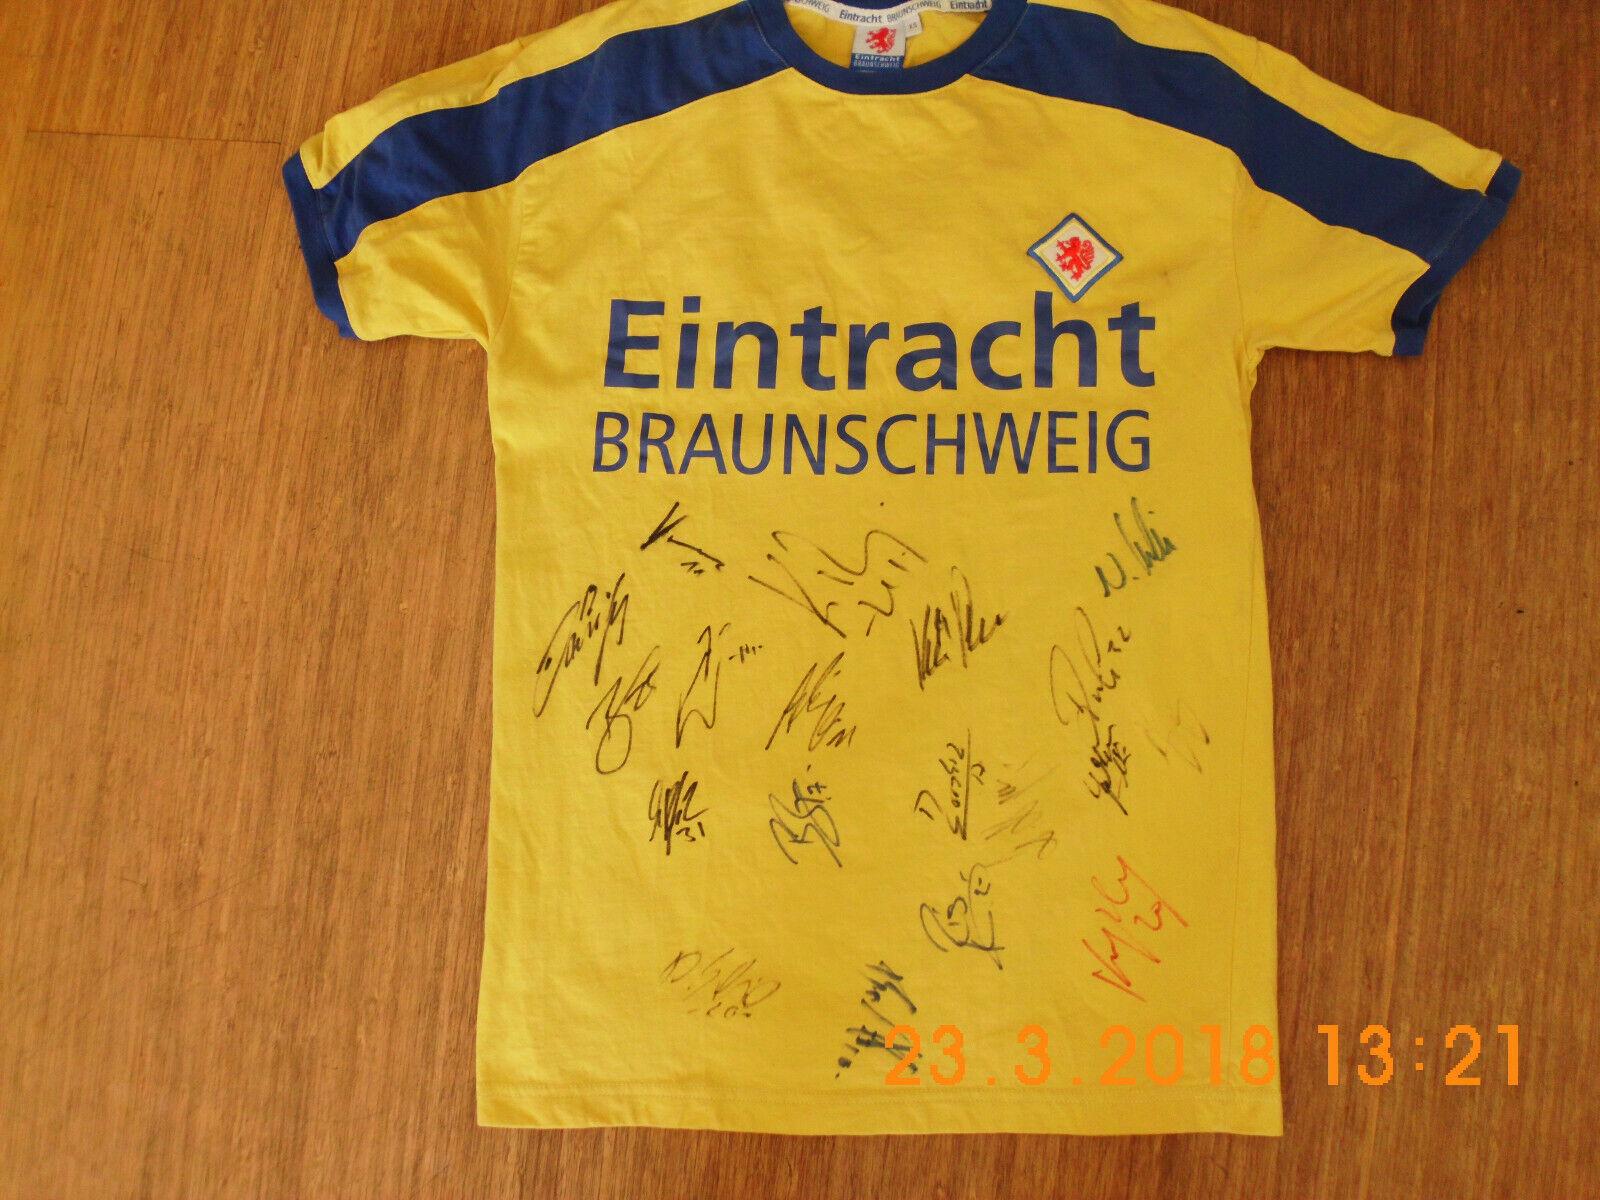 Eintracht Braunschweig Trikot 2008   2009 SIGNIERT - RARITÄT    Die erste Reihe von umfassenden Spezifikationen für Kunden